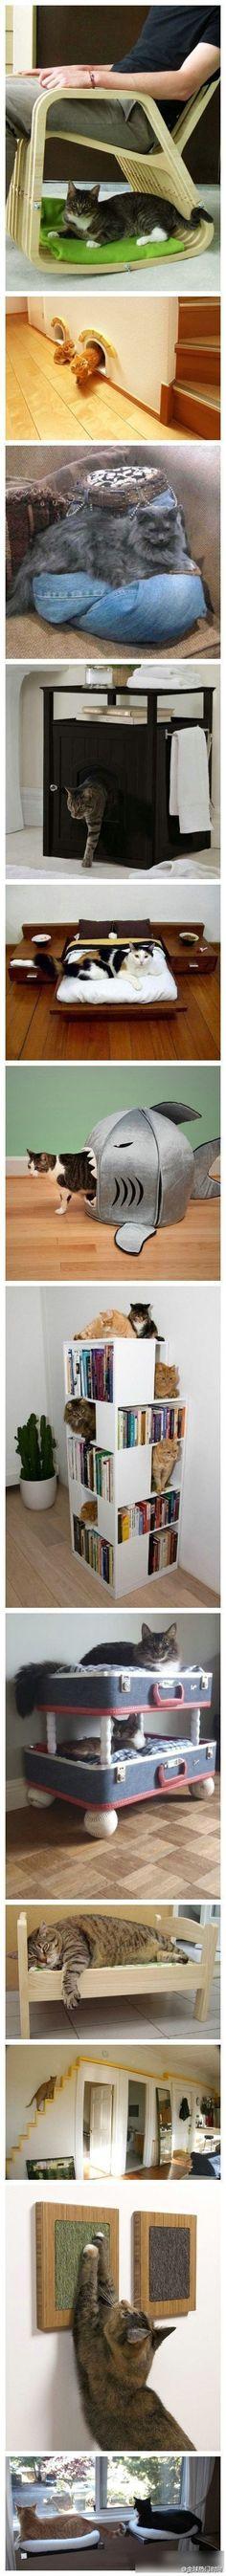 kitty kitty!